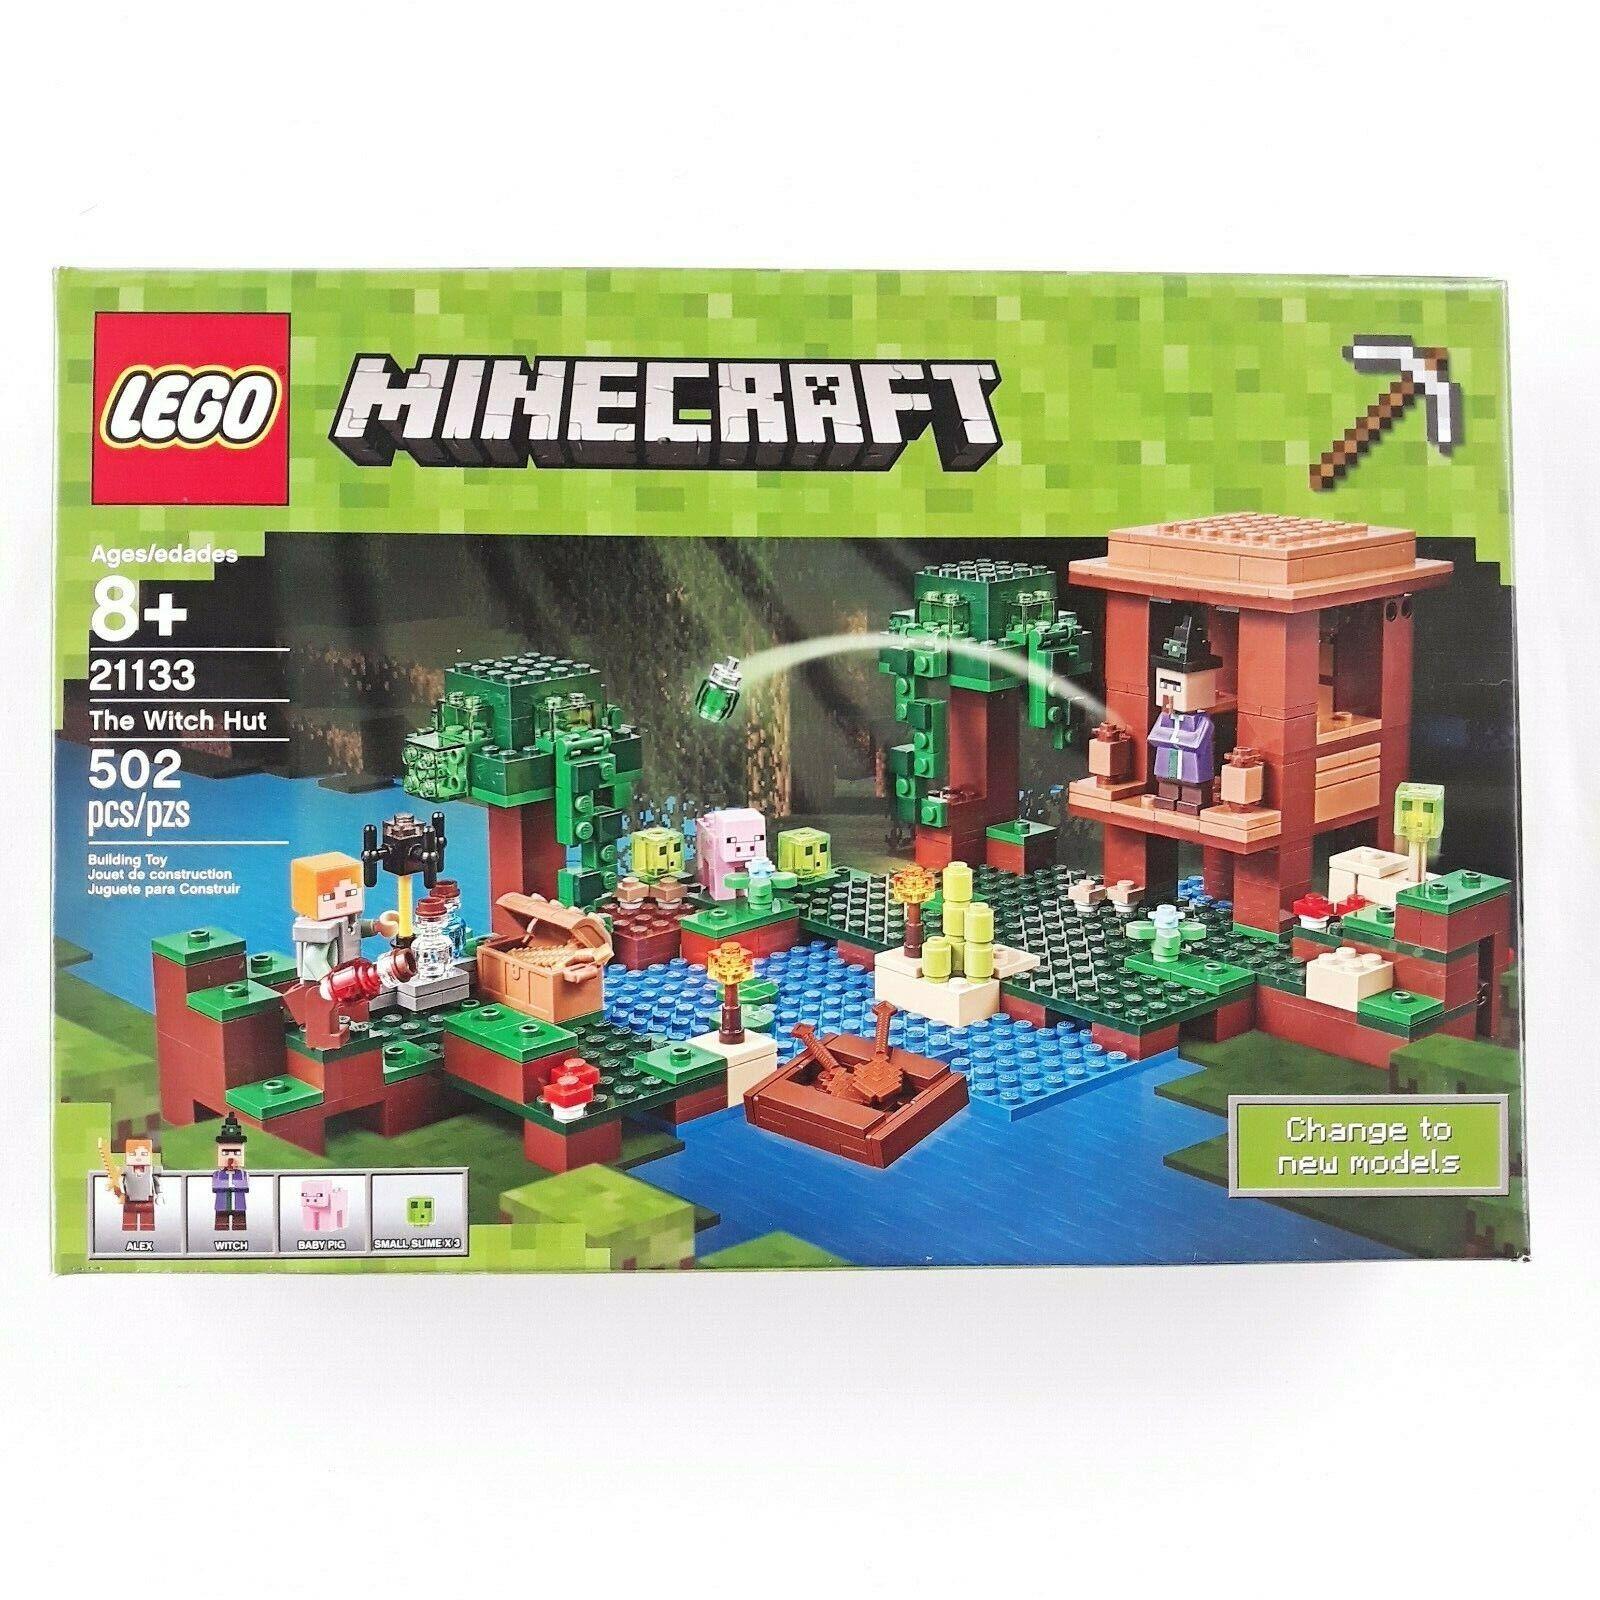 Lego 21133 Minecraft La Bruja choza 502 piezas 2017 retirado Nuevo Sellado